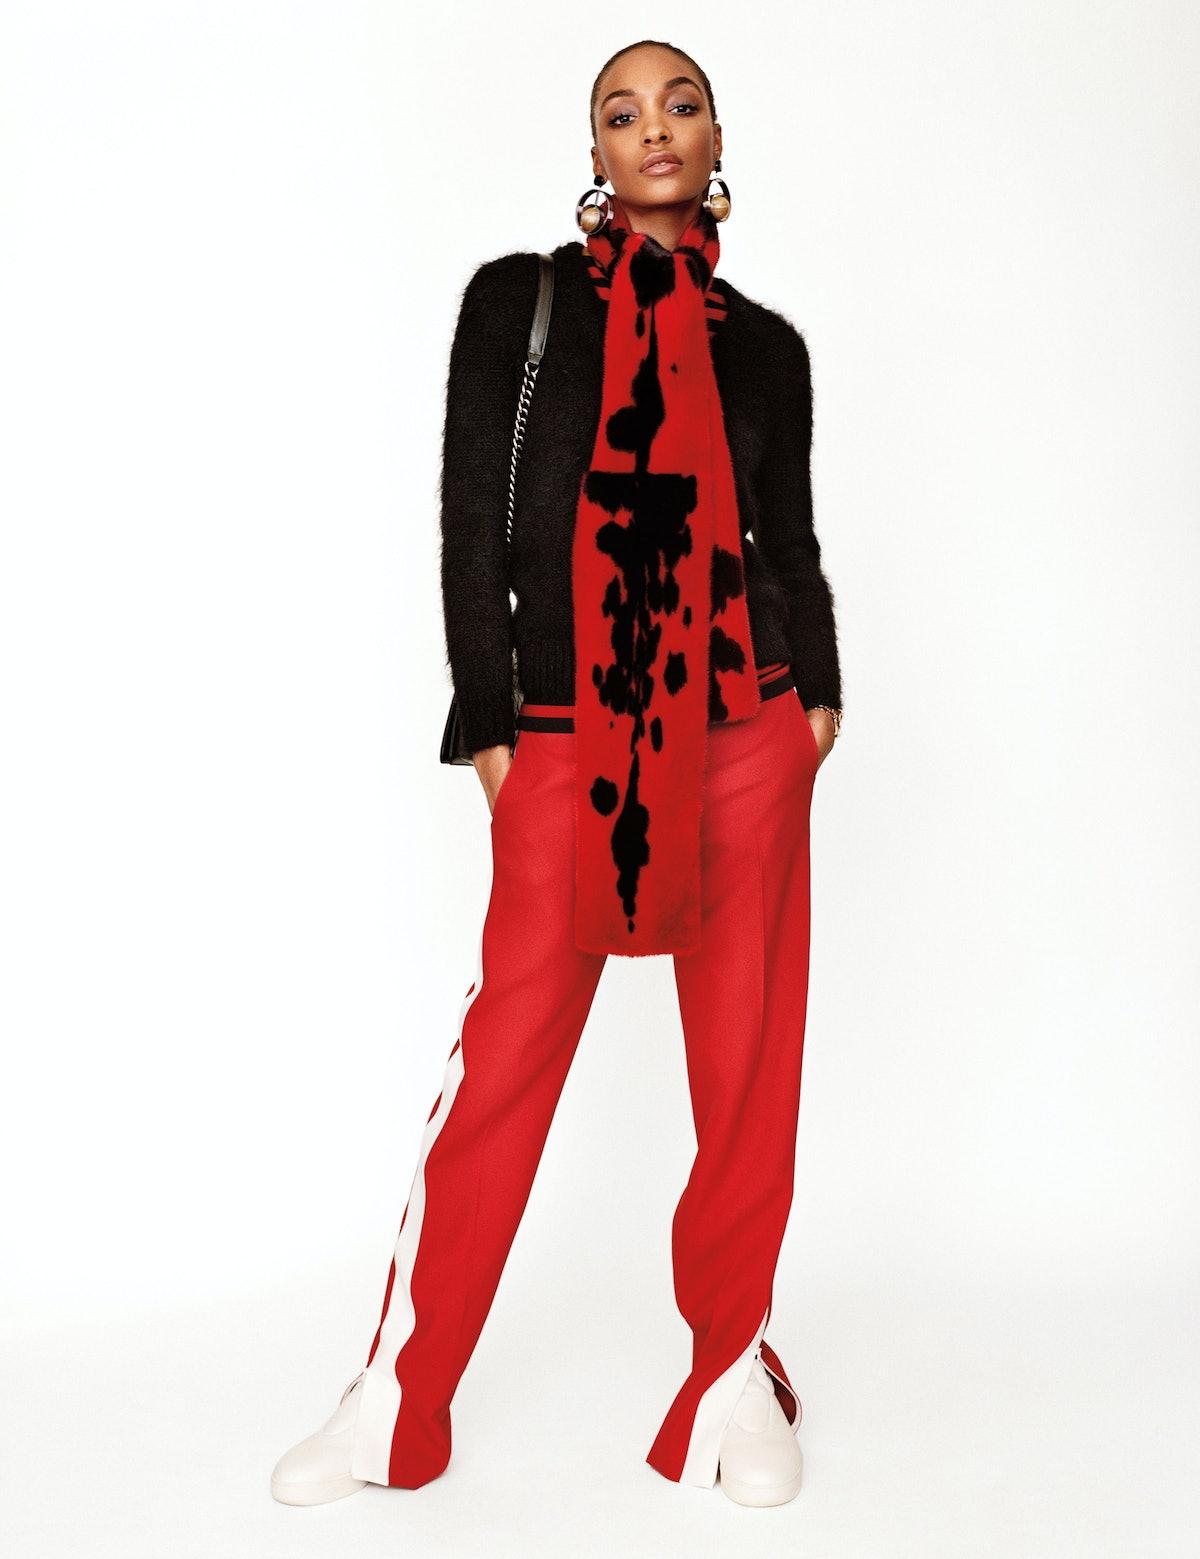 jourdan-dunn-long-lean-fashion-1.jpg